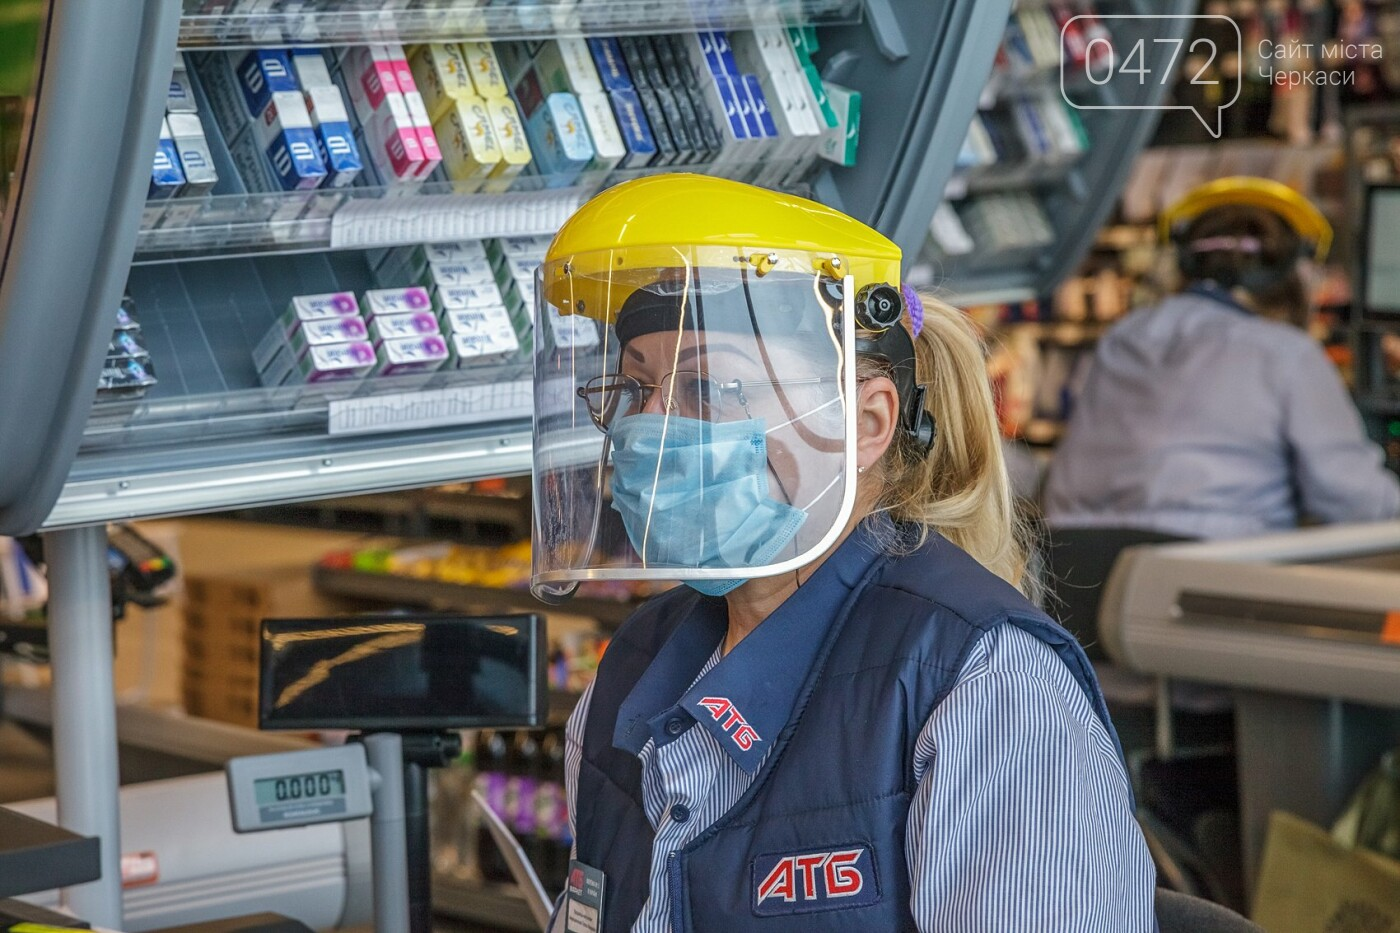 МОЗ підтвердило, що в «АТБ» дотримано всіх заходів епідеміологічної безпеки, фото-5